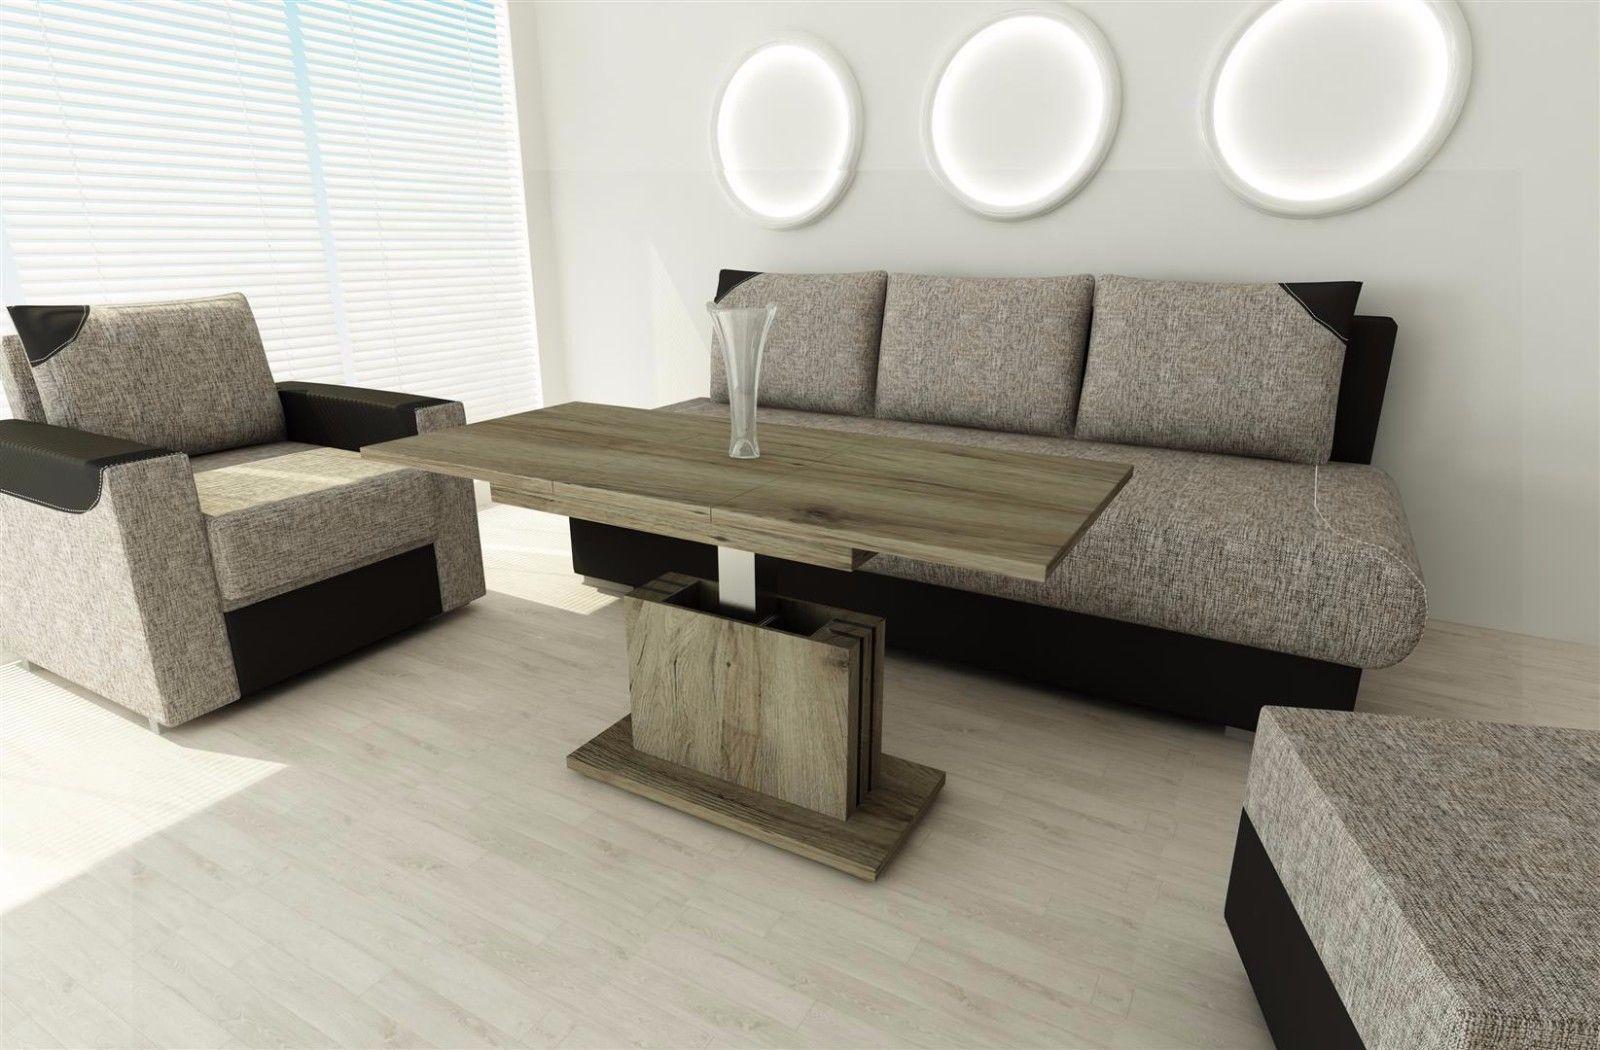 Beeindruckend Couchtisch Eiche Dunkel Das Beste Von San Remo Ausziehbar Wohnzimmer Design Modern Sofatisch